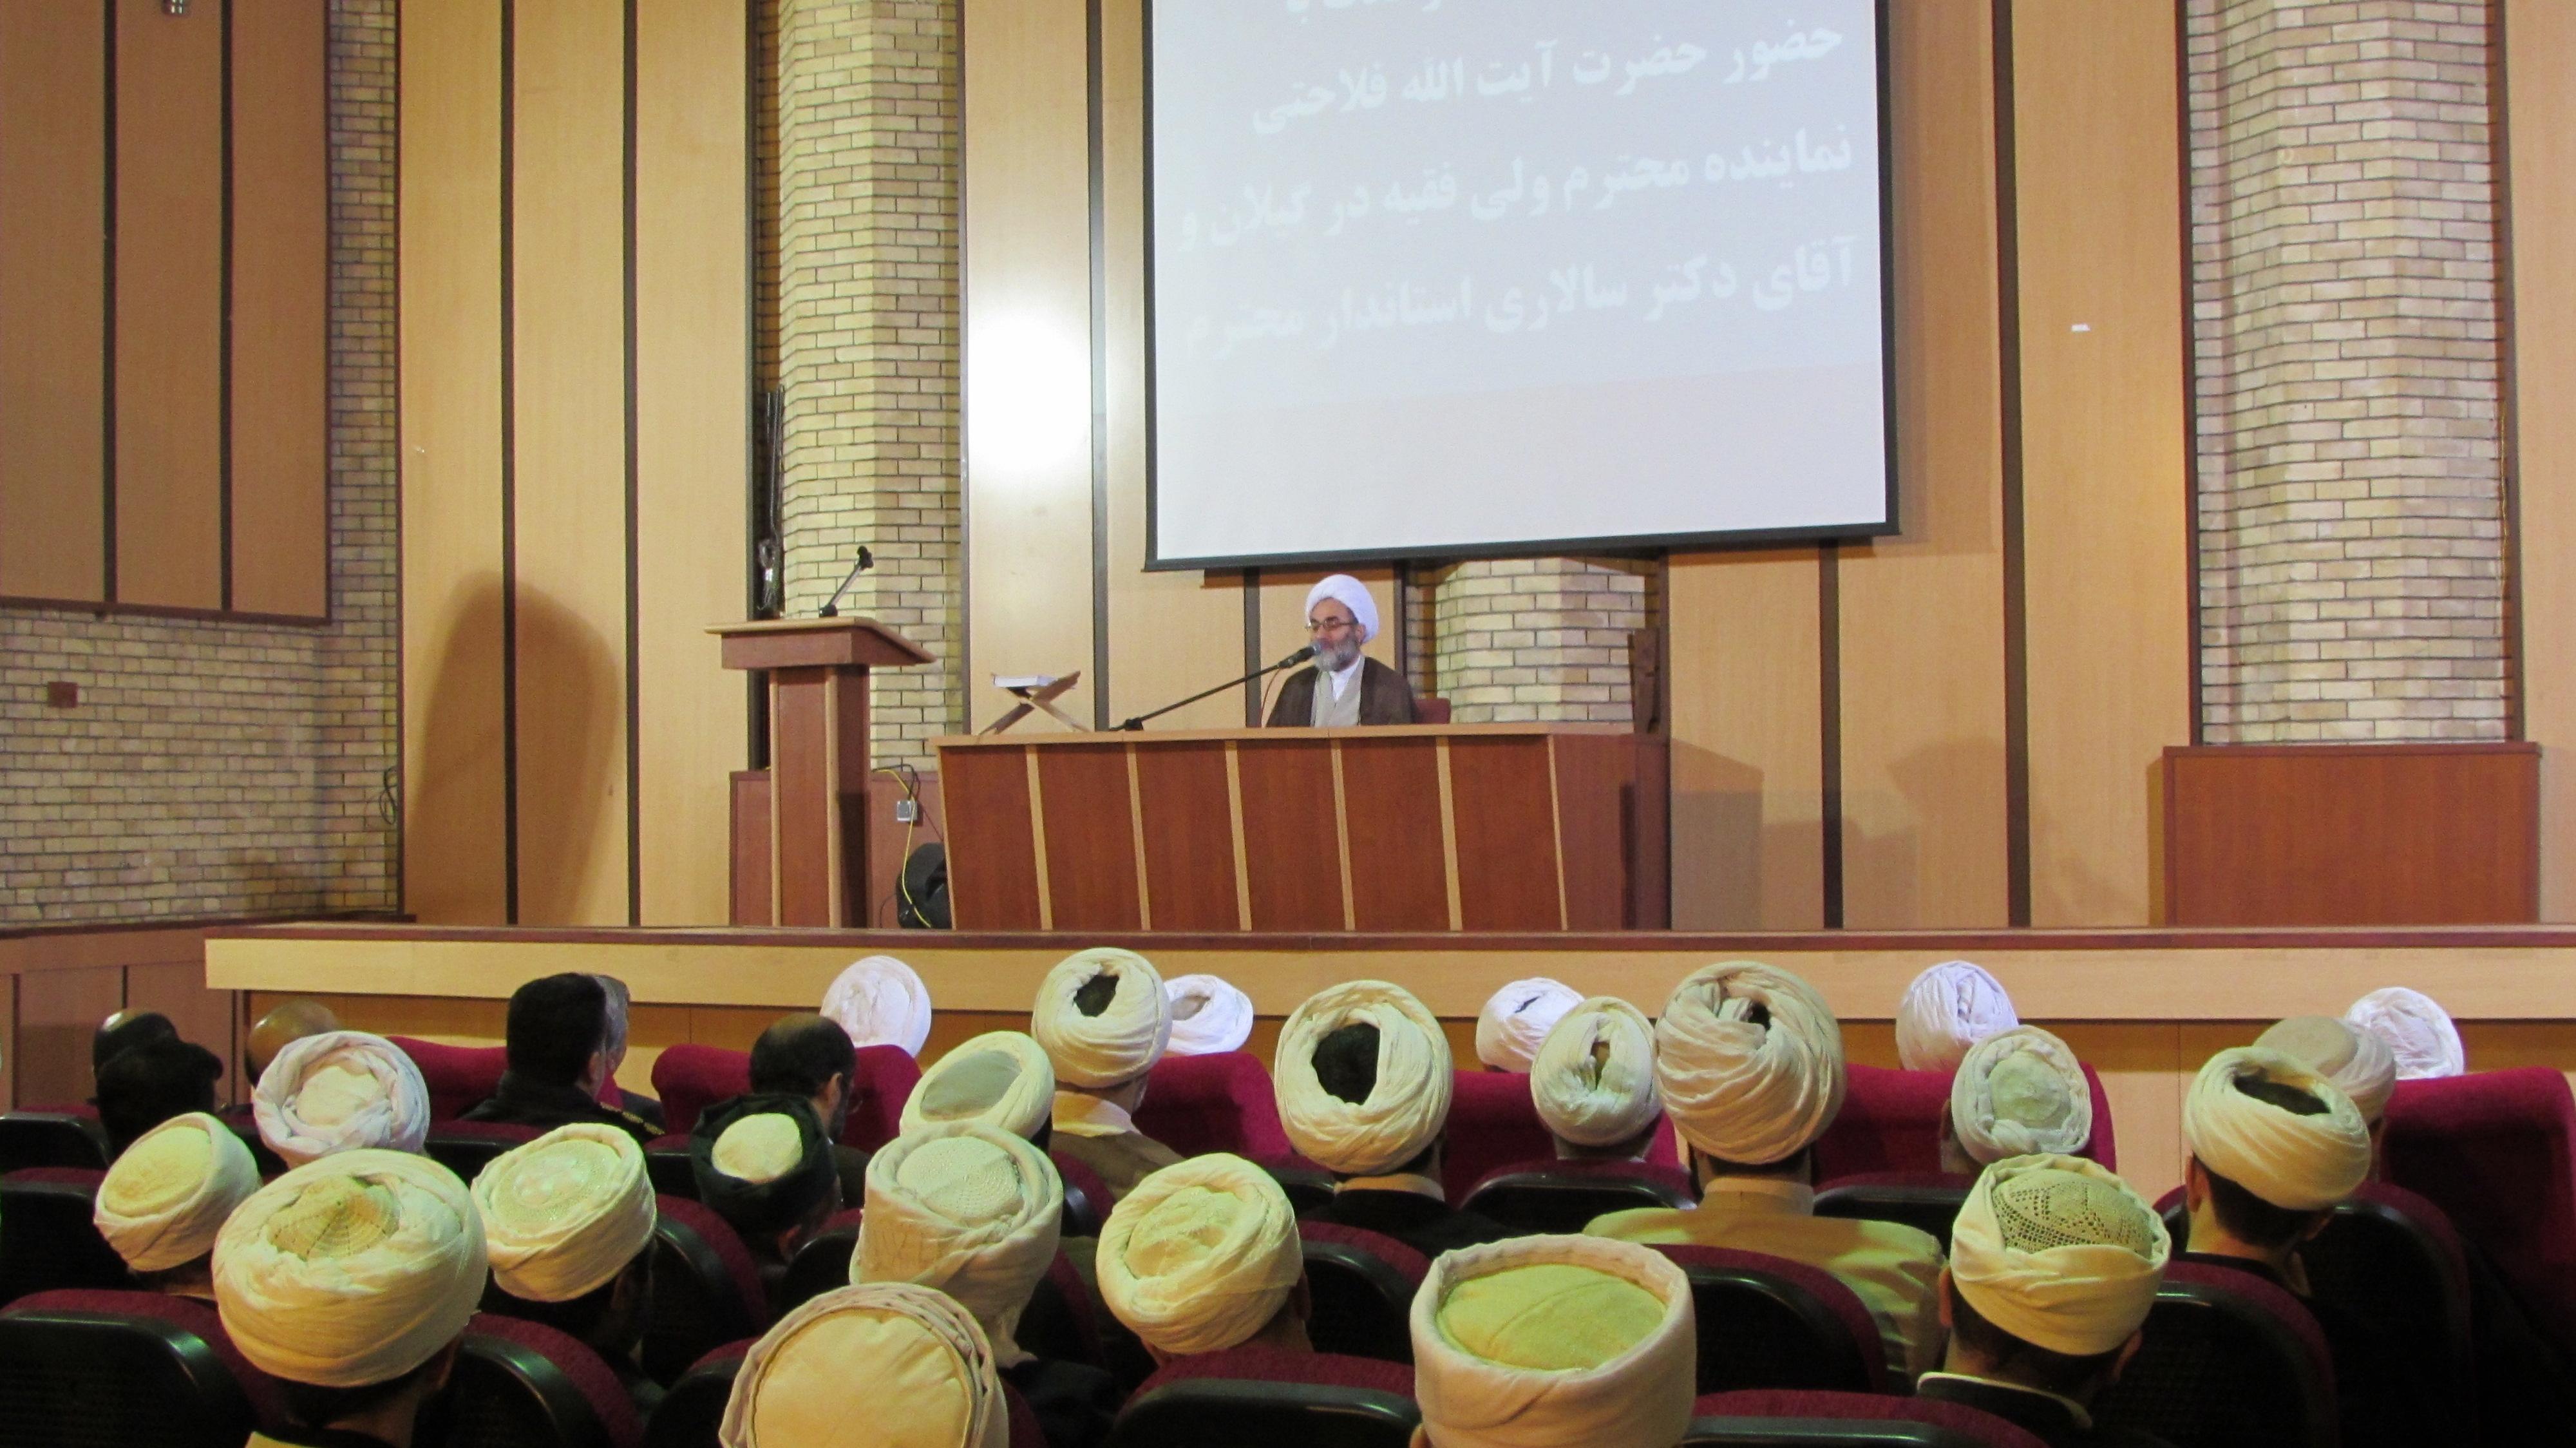 هفته وحدت مسلمانان را ملزم میکند به فکر دنیای اسلام باشند/ اگر  نعمت الهی میخواهیم باید دنبال وحدت باشیم